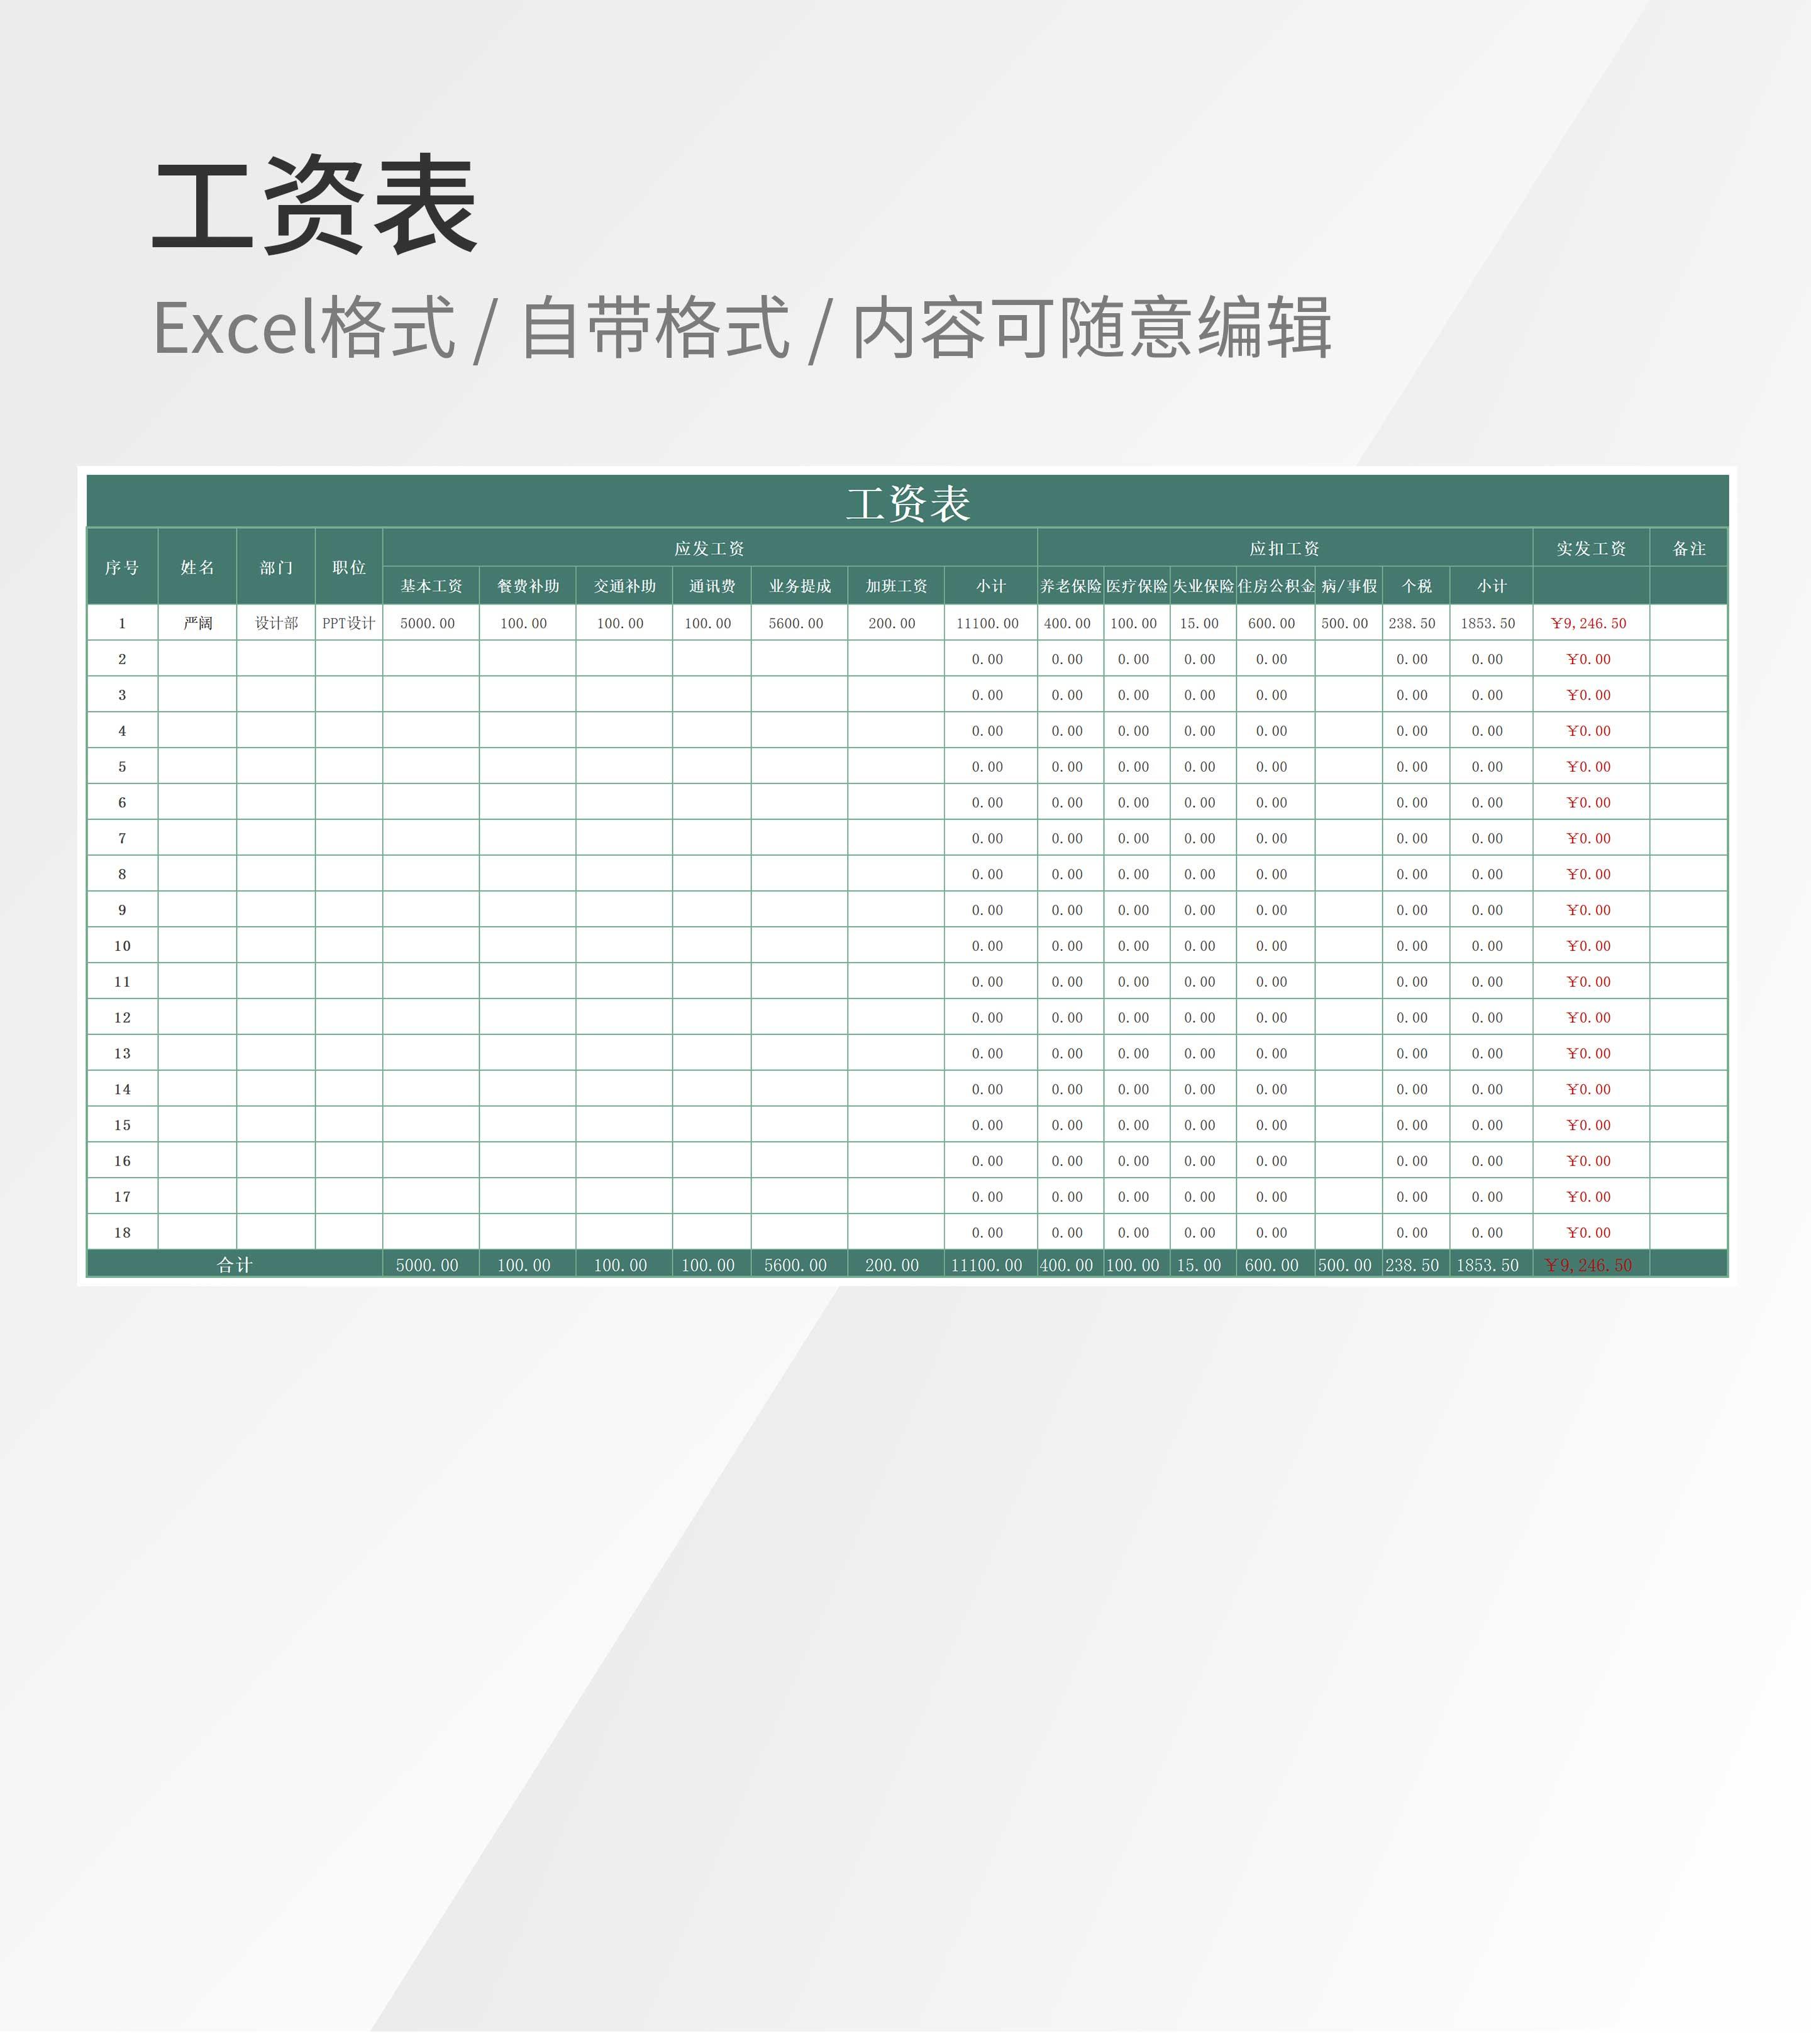 公司全体员工工资表Excel模板